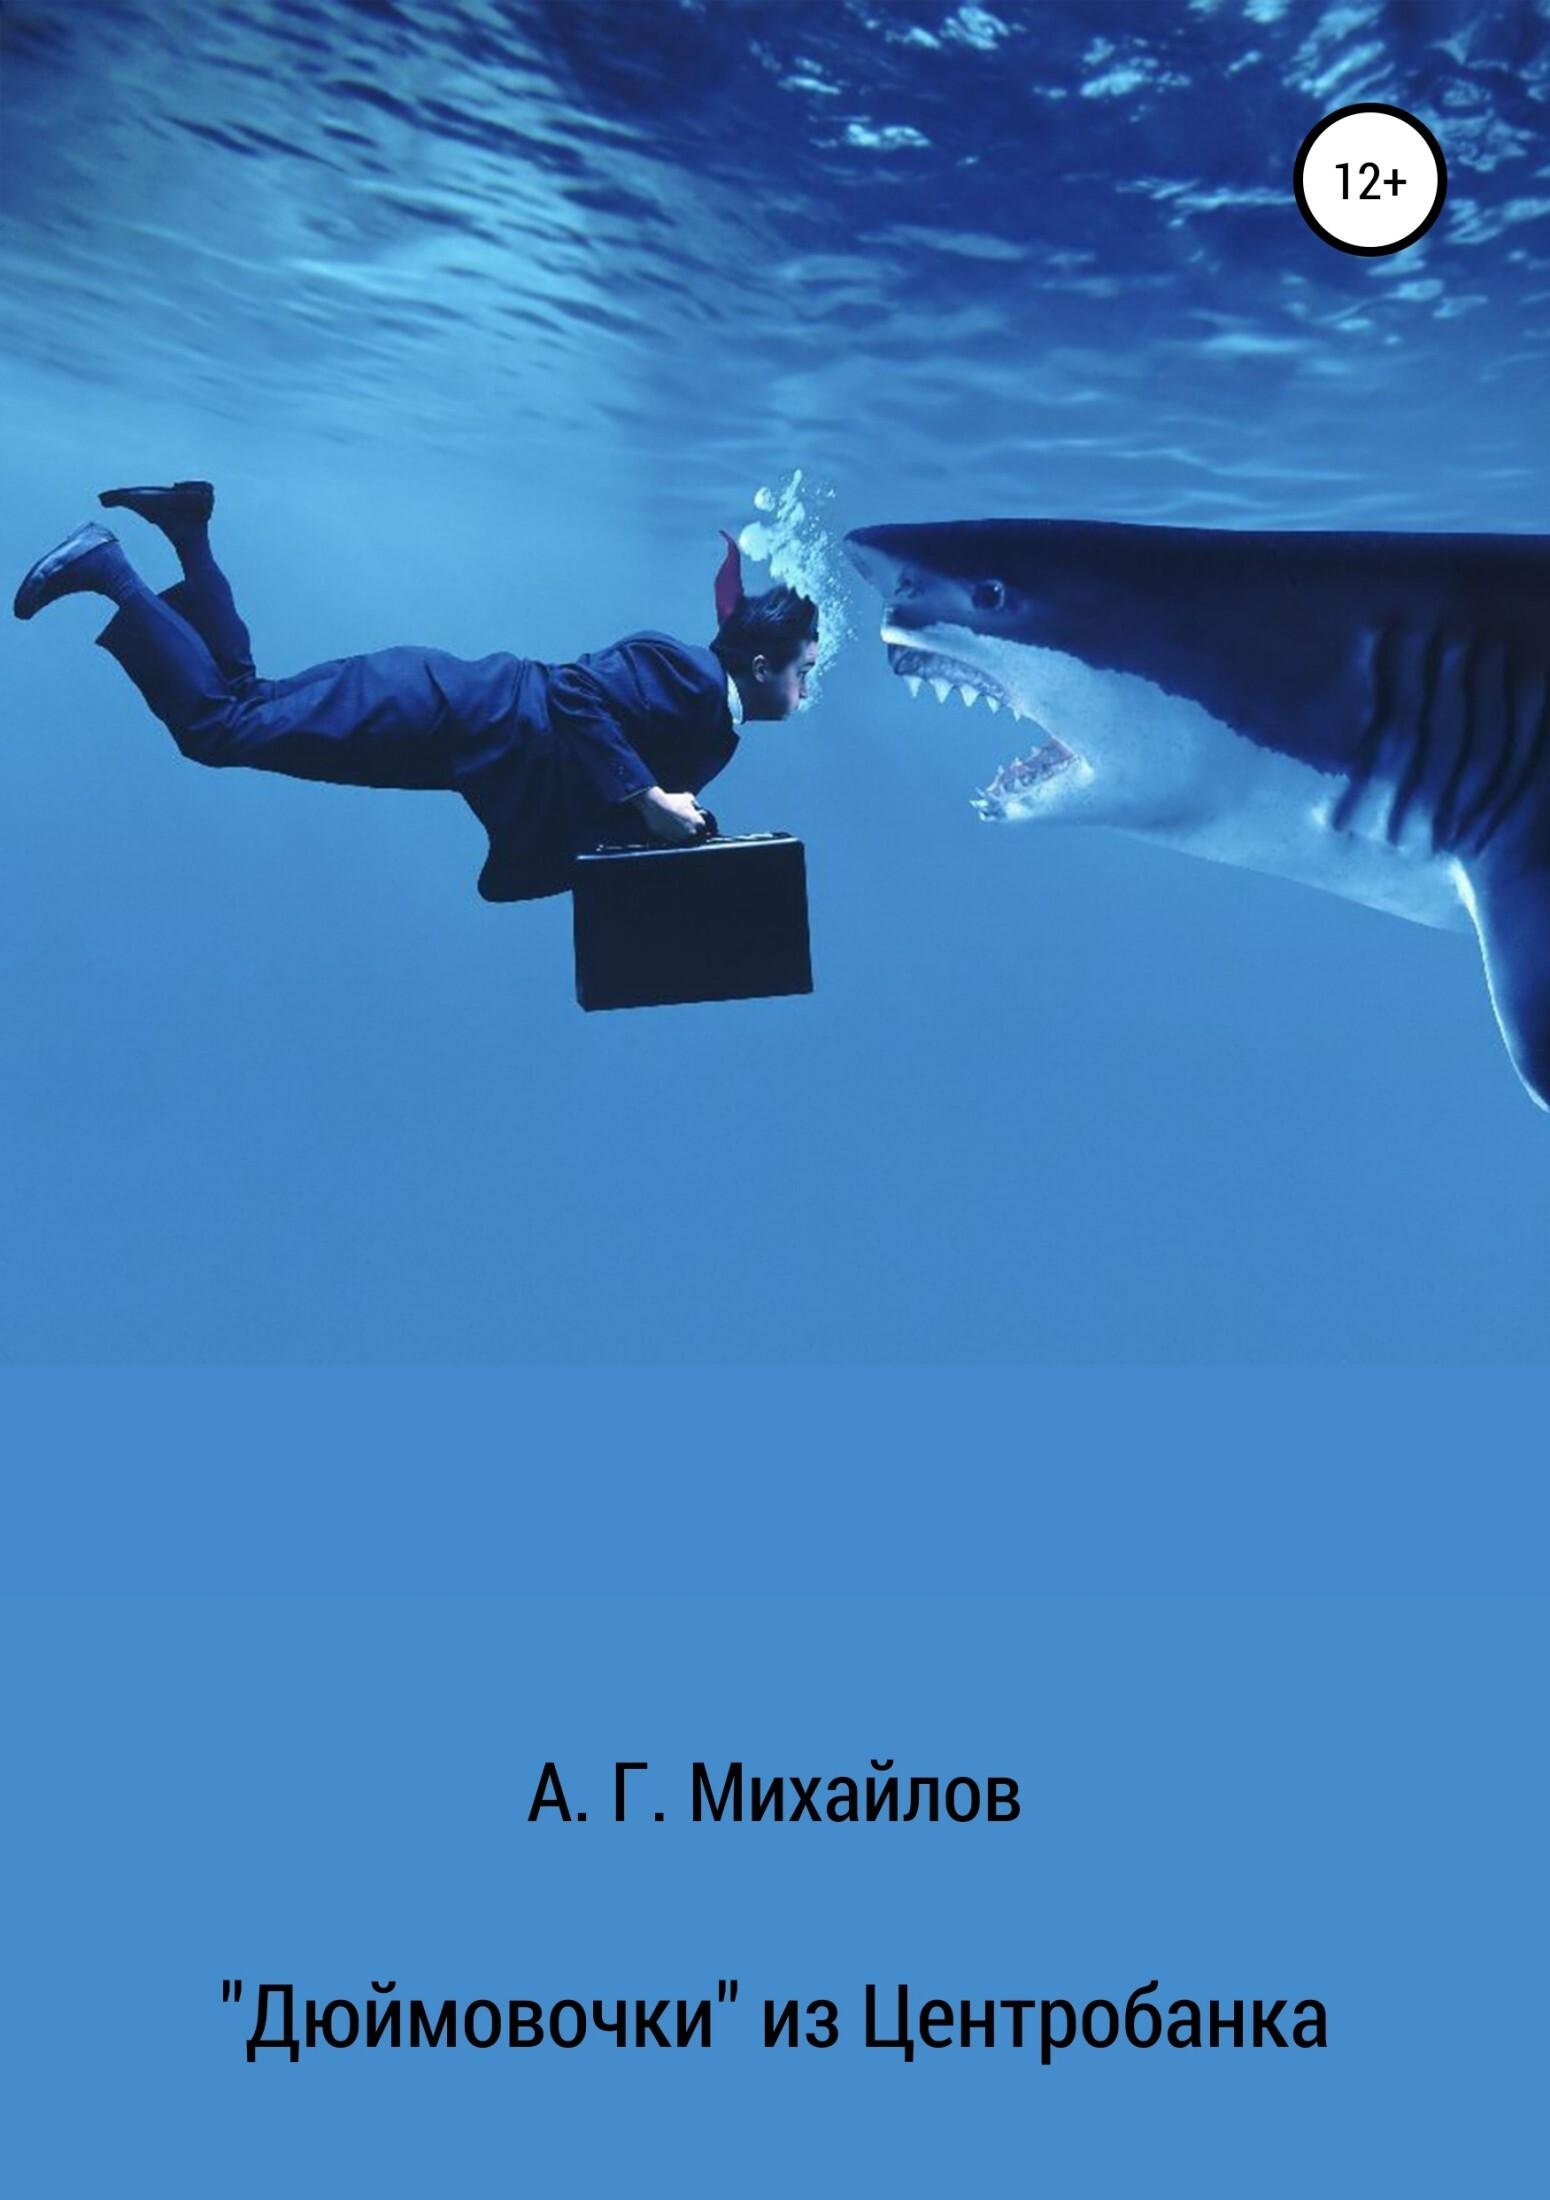 фото обложки издания «Дюймовочки» из Центробанка